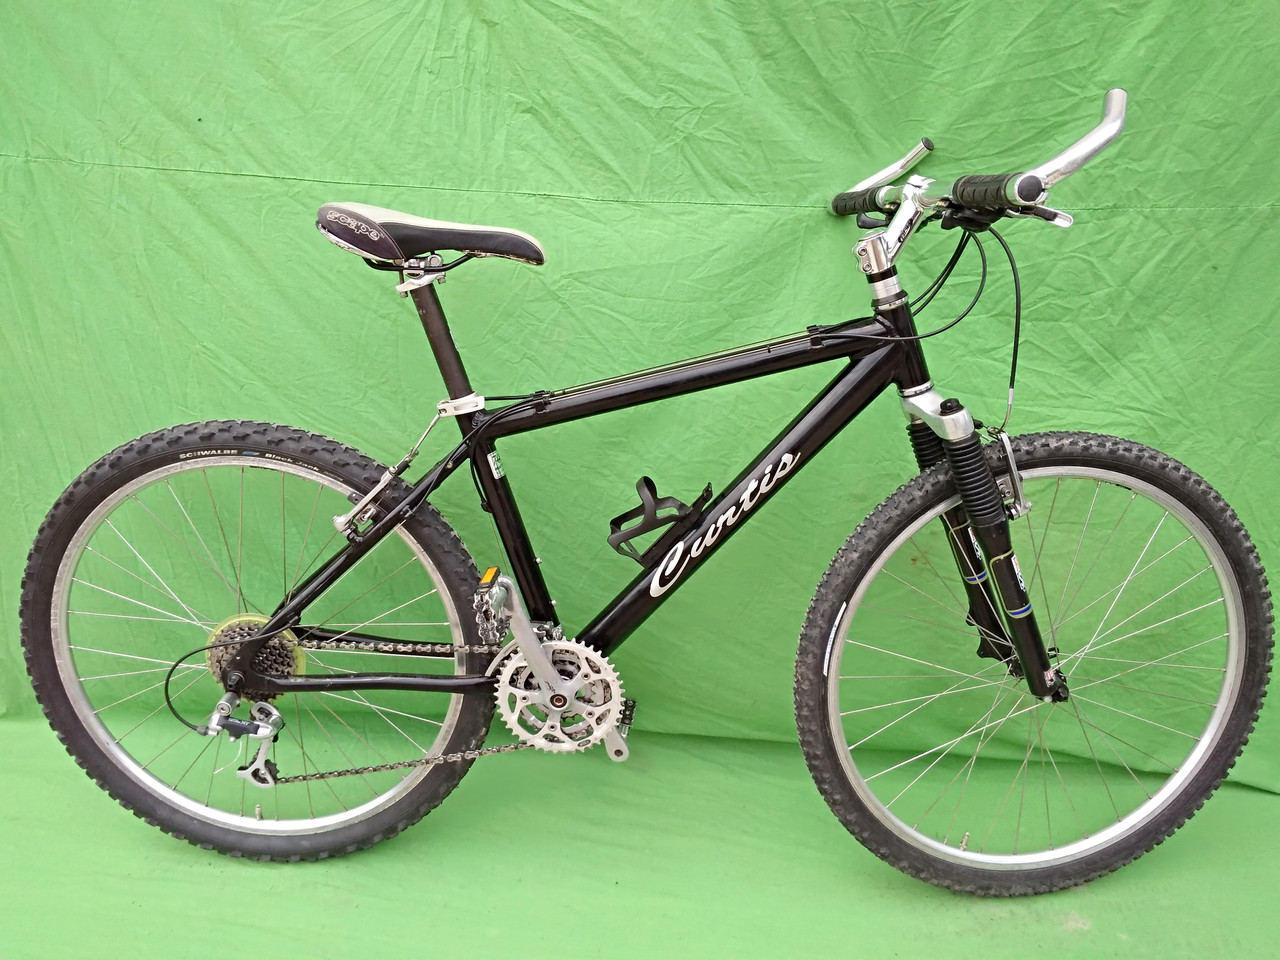 Гірський велосипед Curtis, алюміній, rock shox